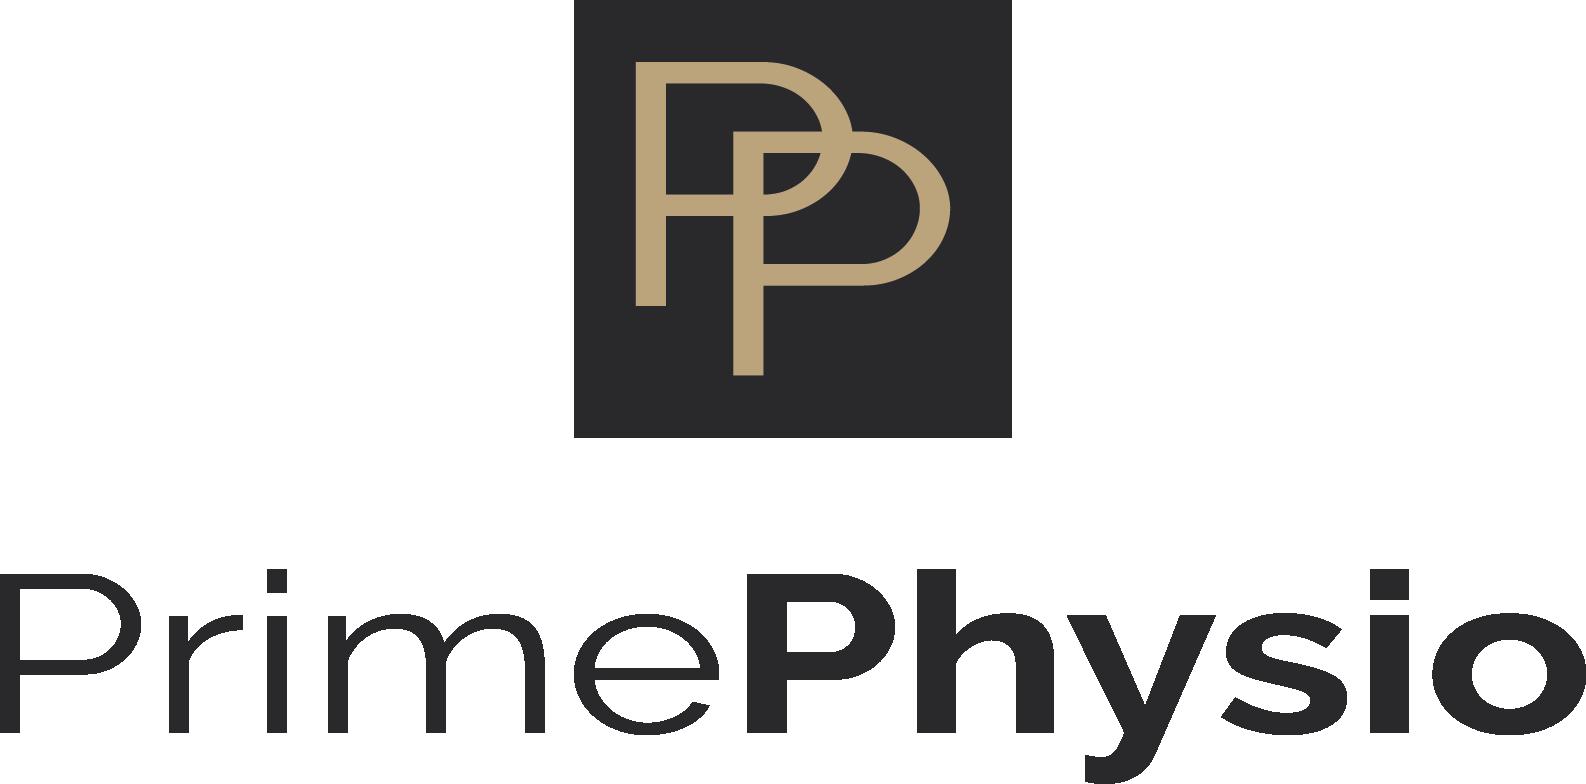 visuelles-kommunikationsdesign-Logodesign-Logo-Physio